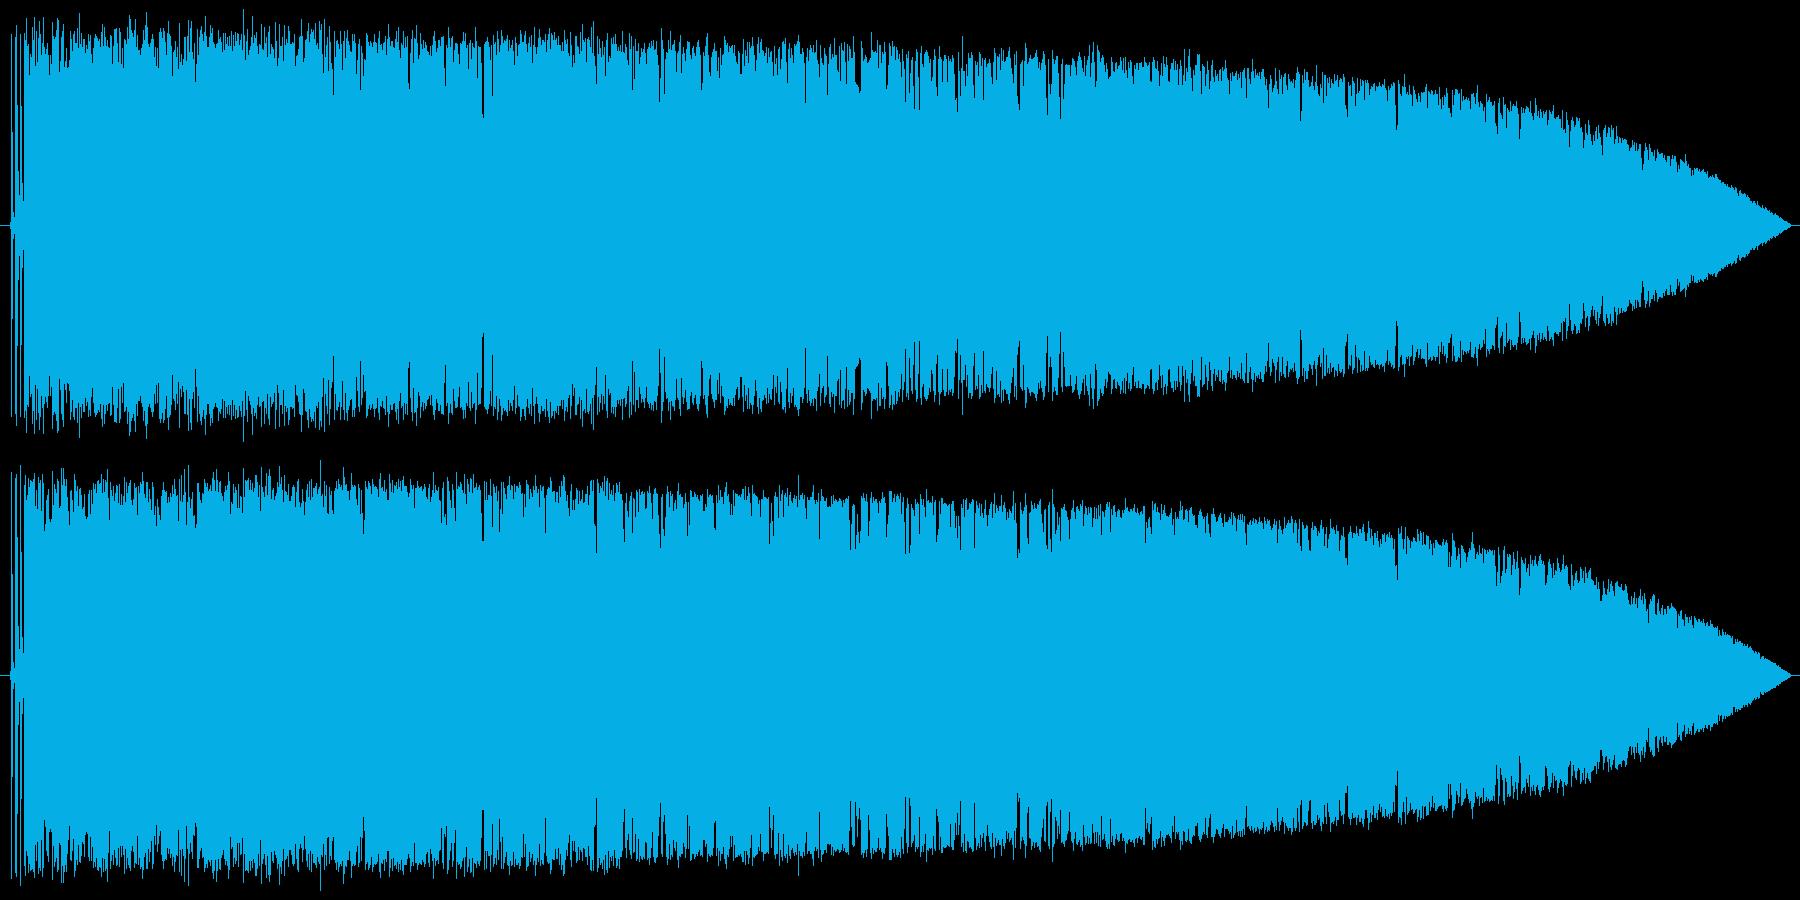 洋楽風インスト・キュート・ポップ!の再生済みの波形